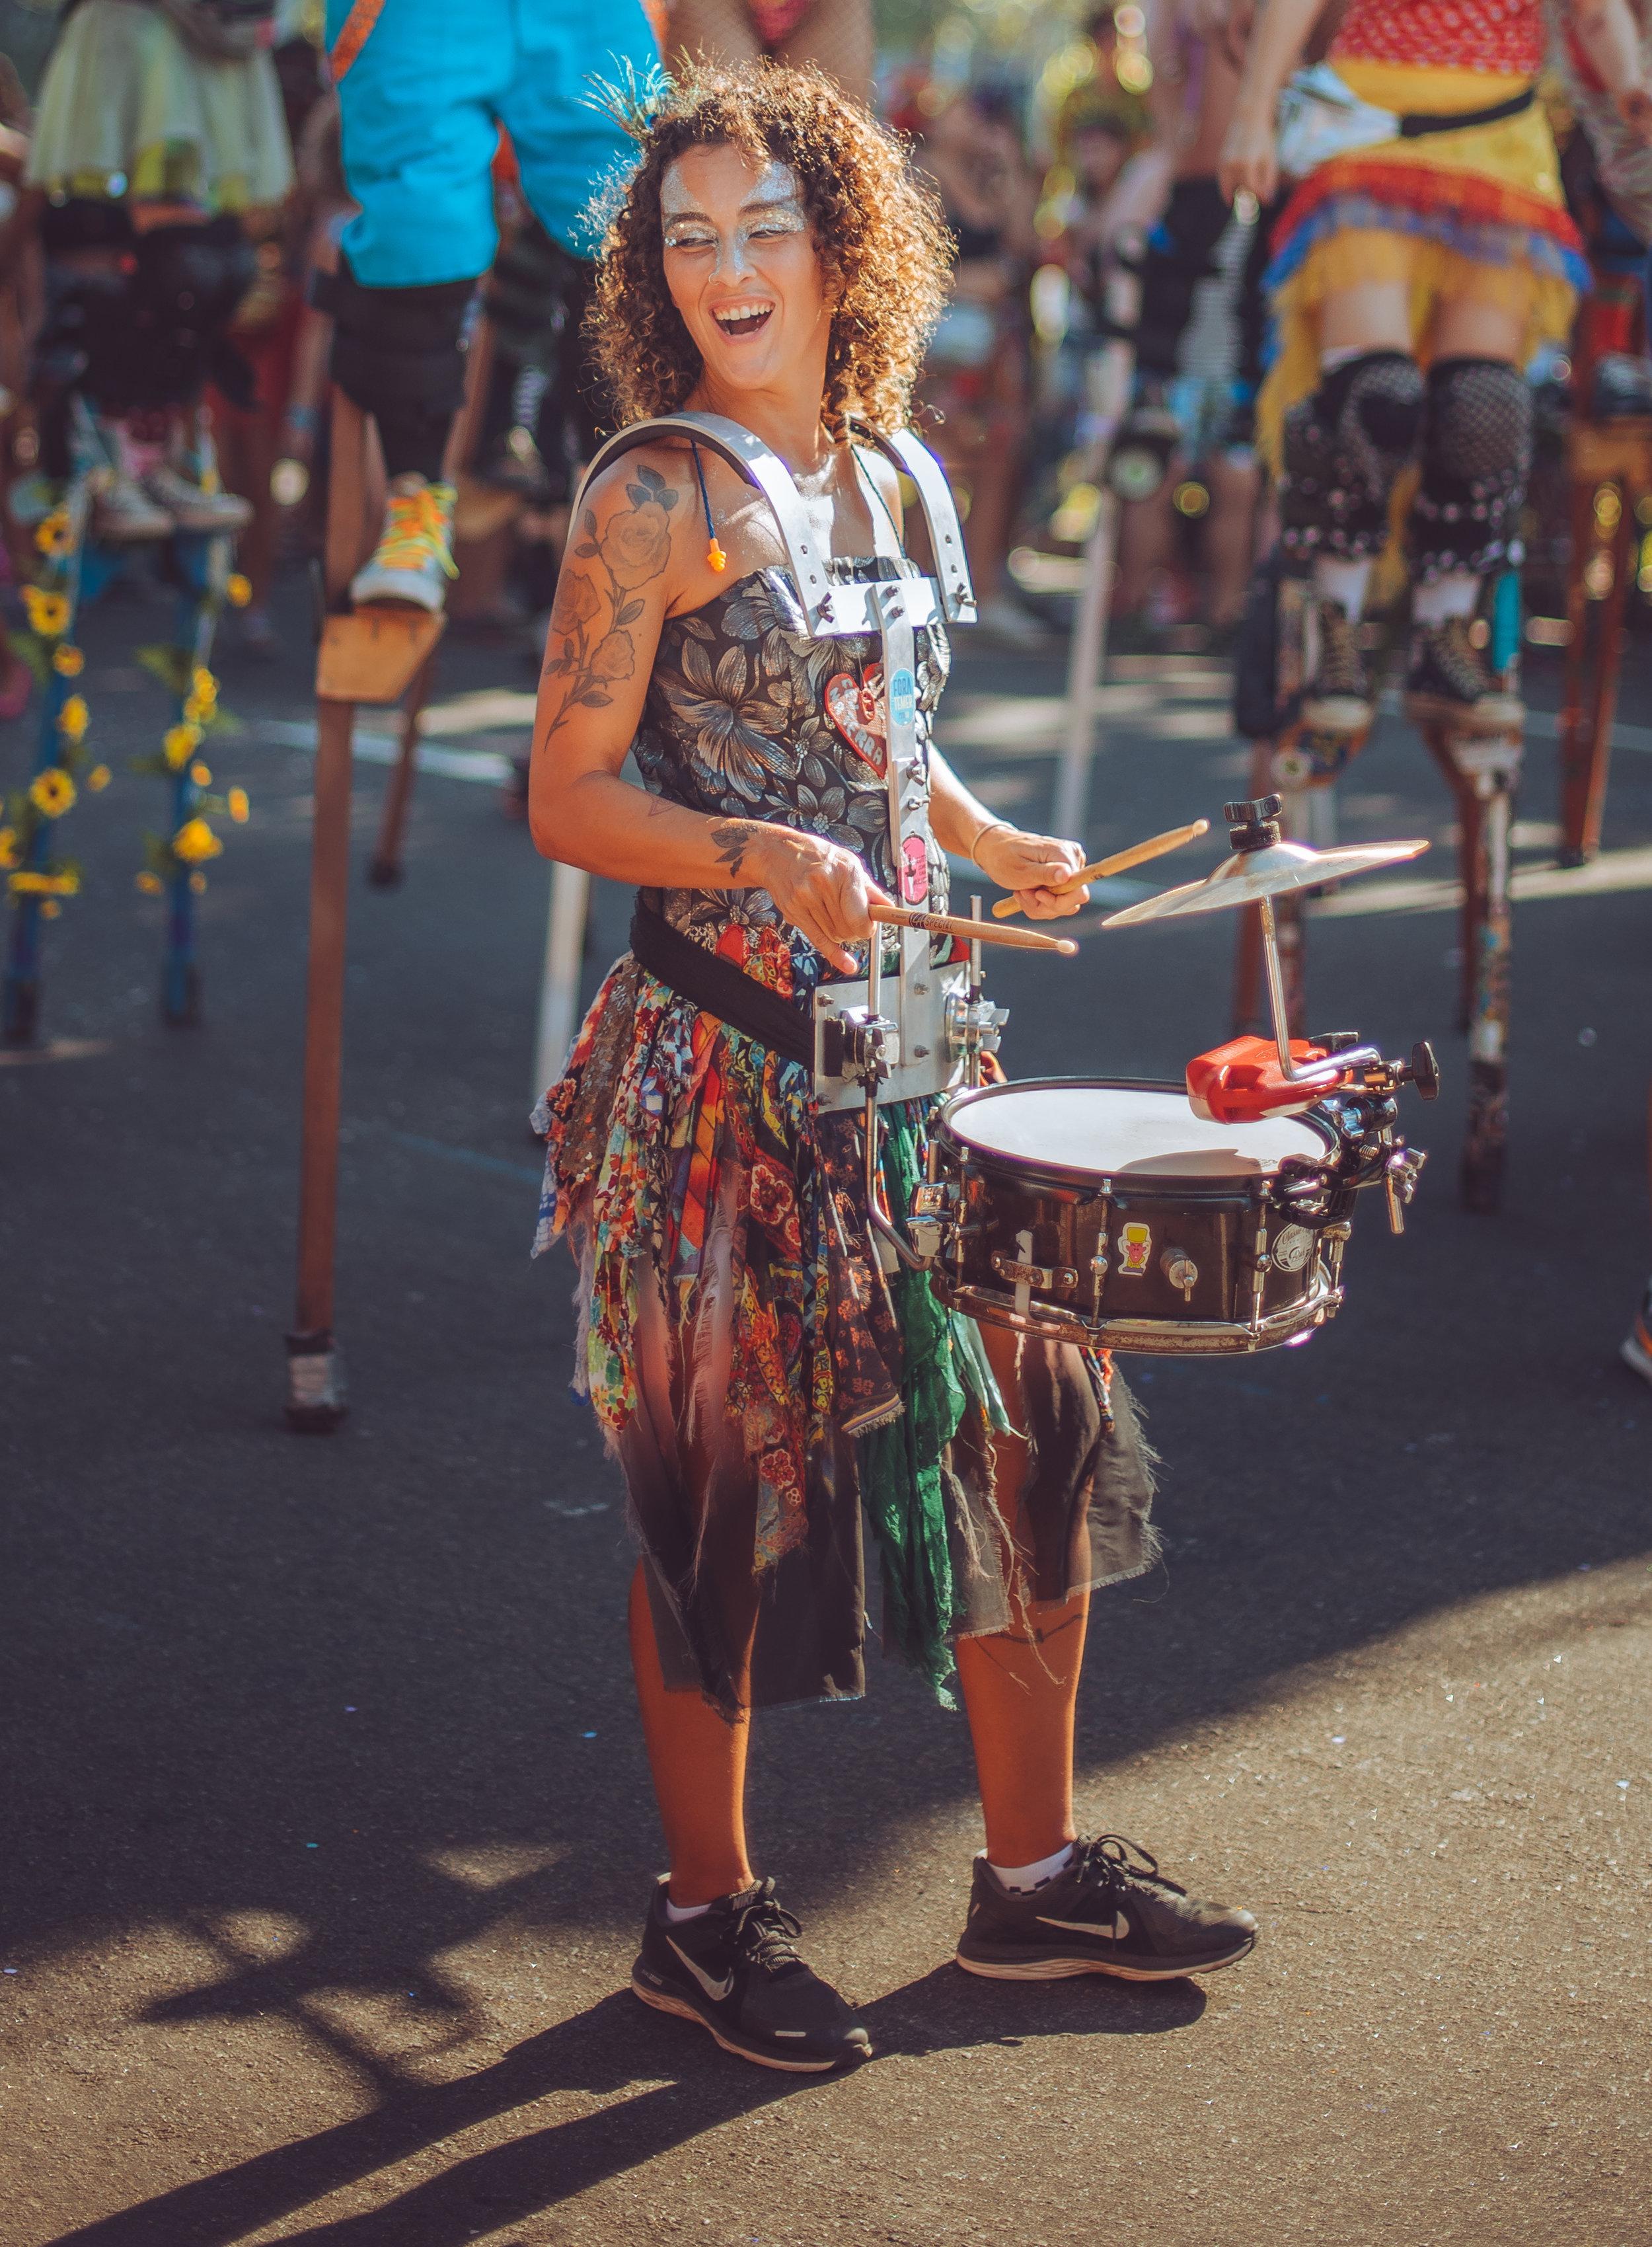 Carnival drumming in Rio